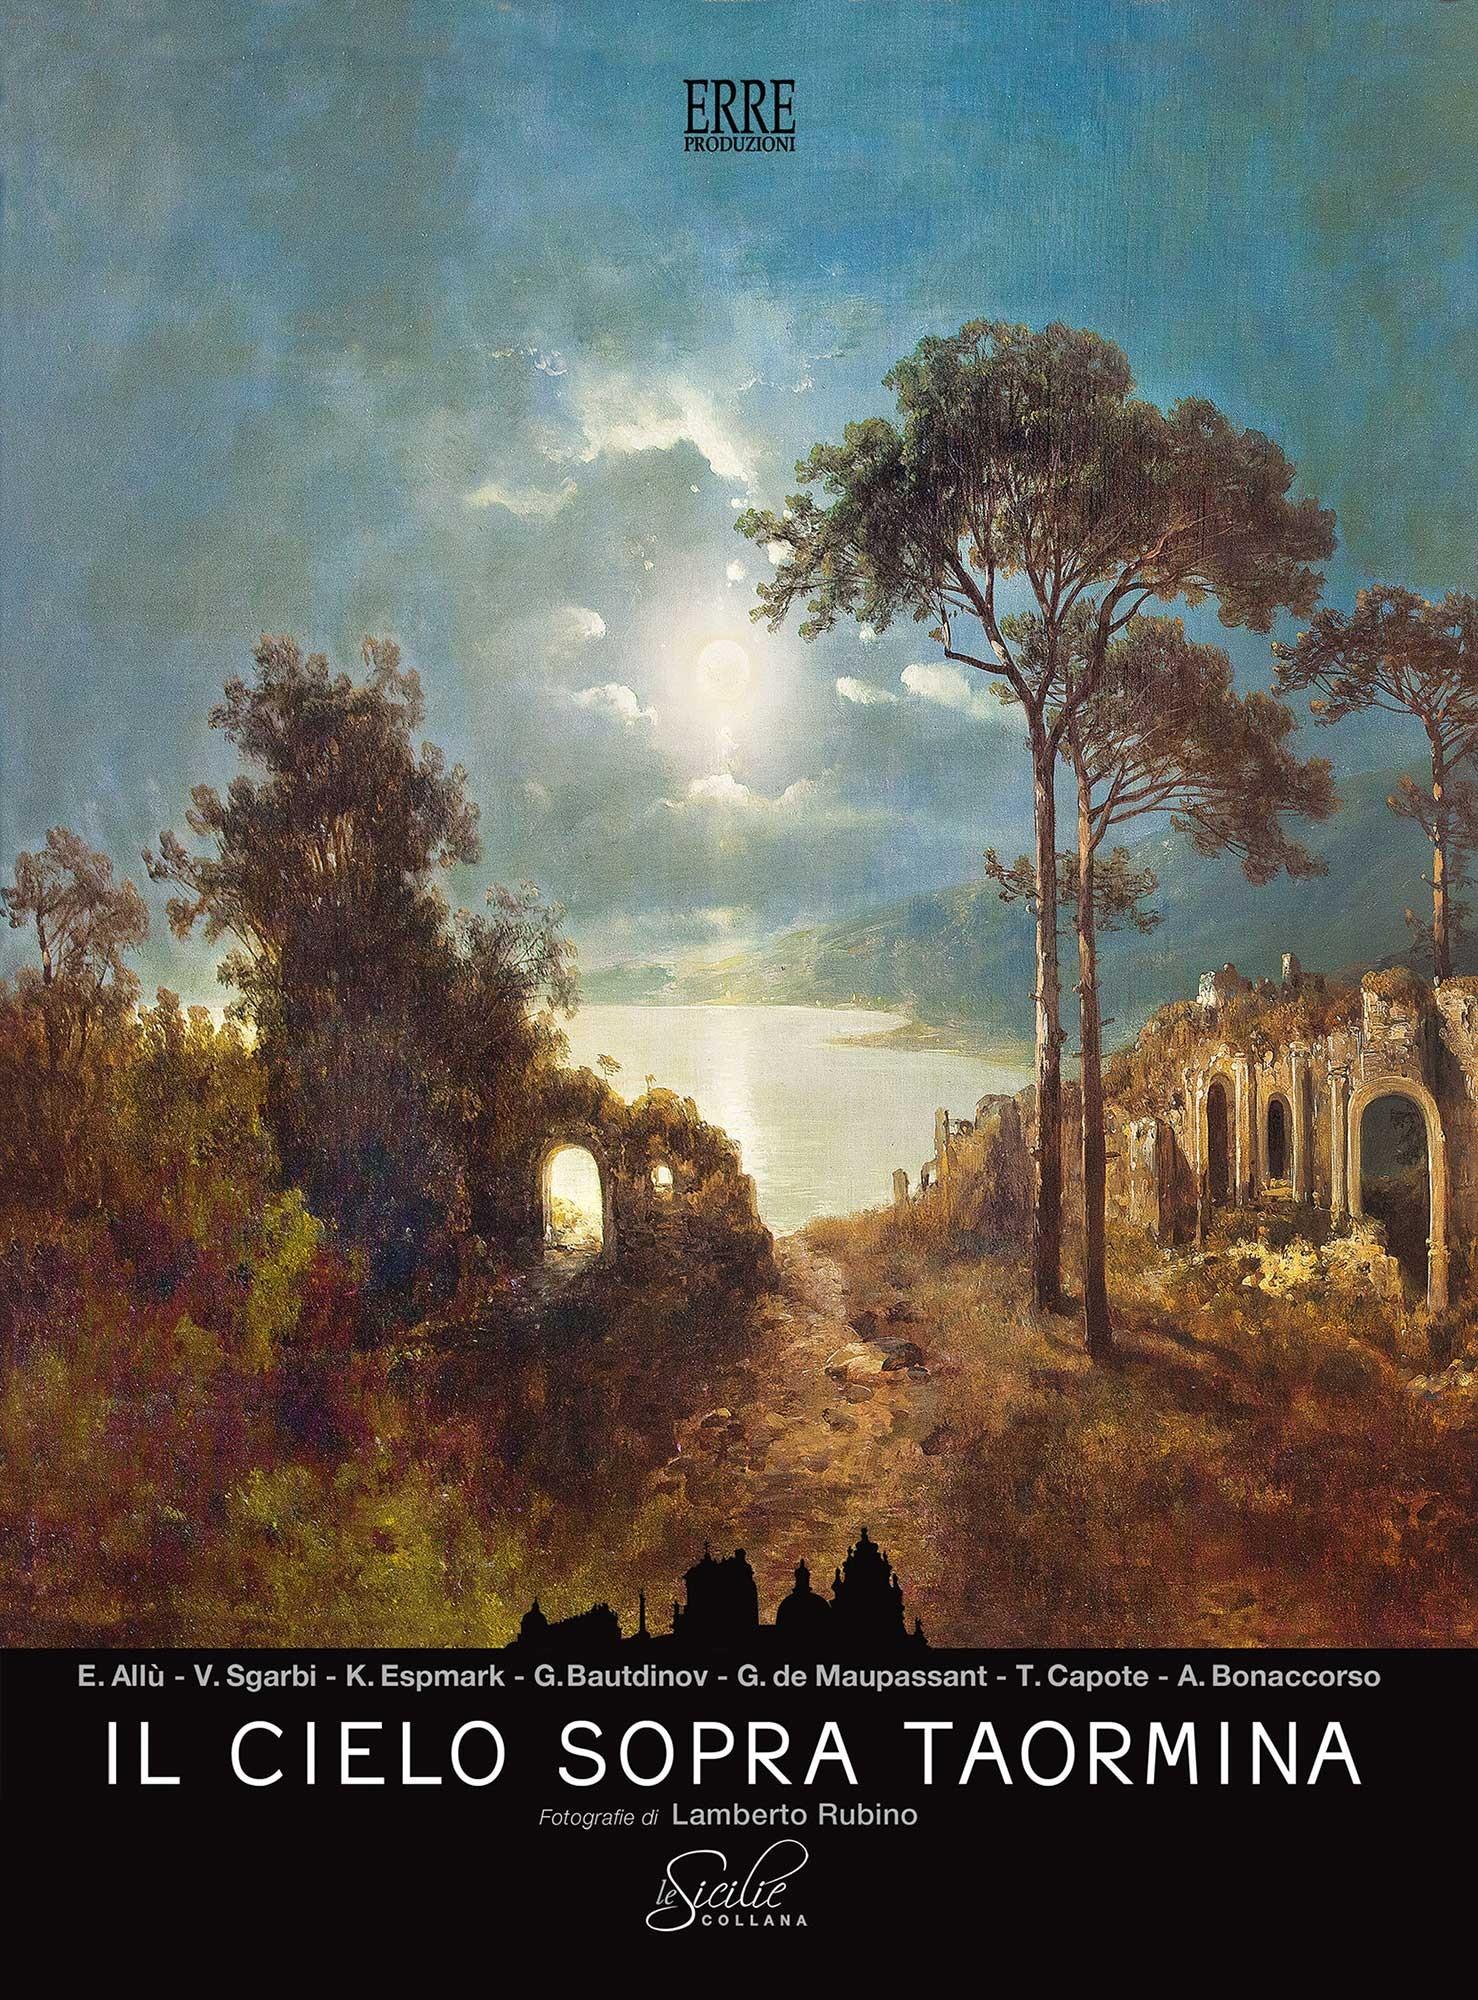 Taormina - ErreProduzioni